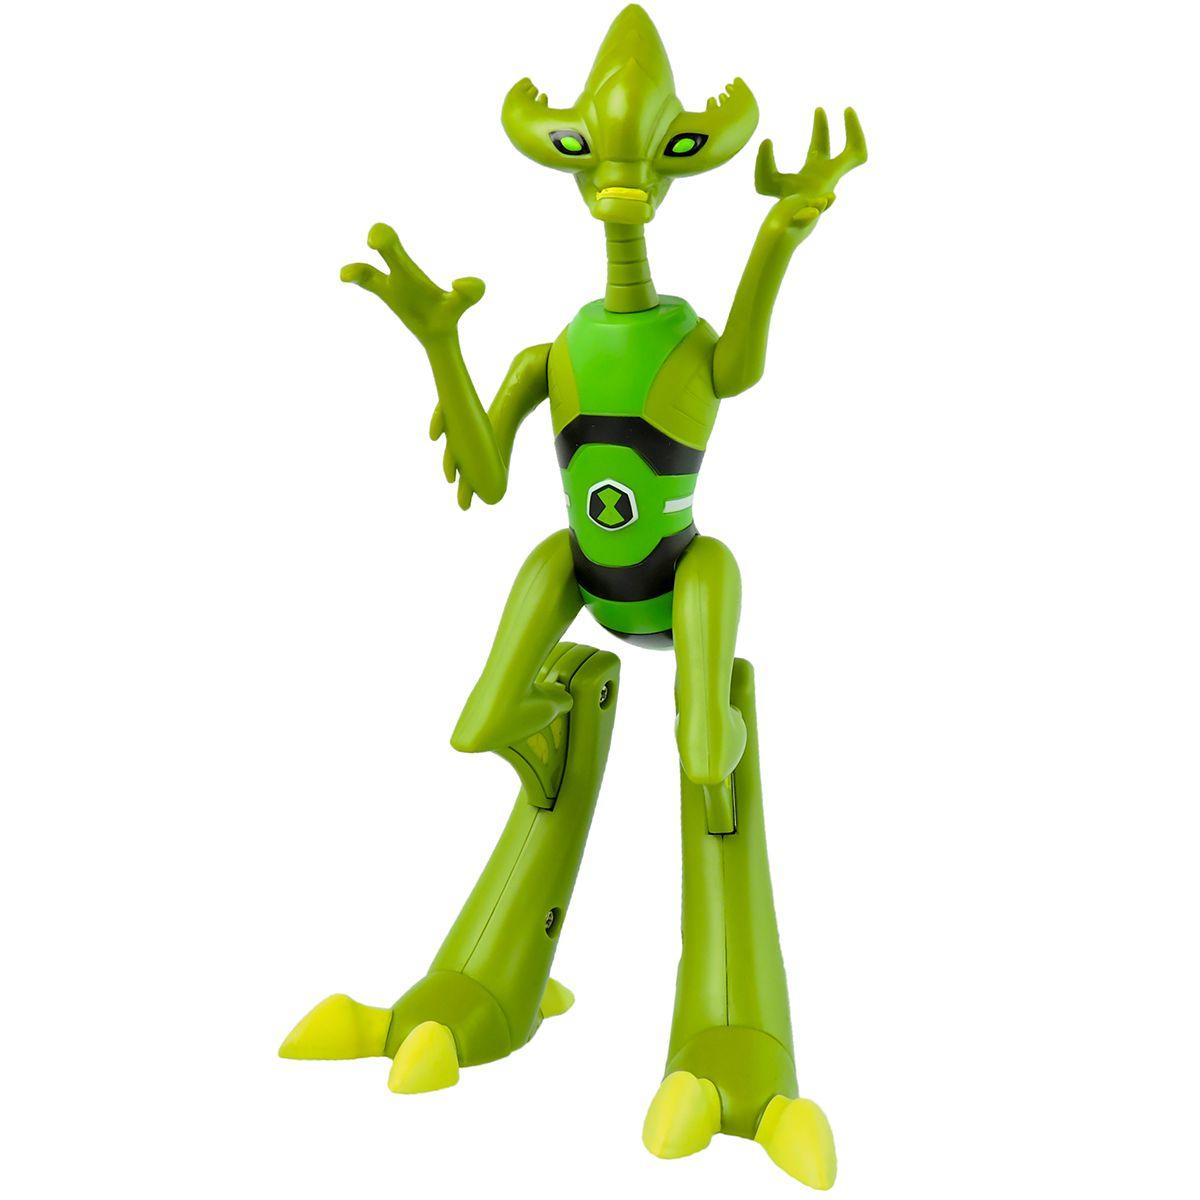 Boneco Figura de Ação Crashhopper Ben 10 Articulado Sunny